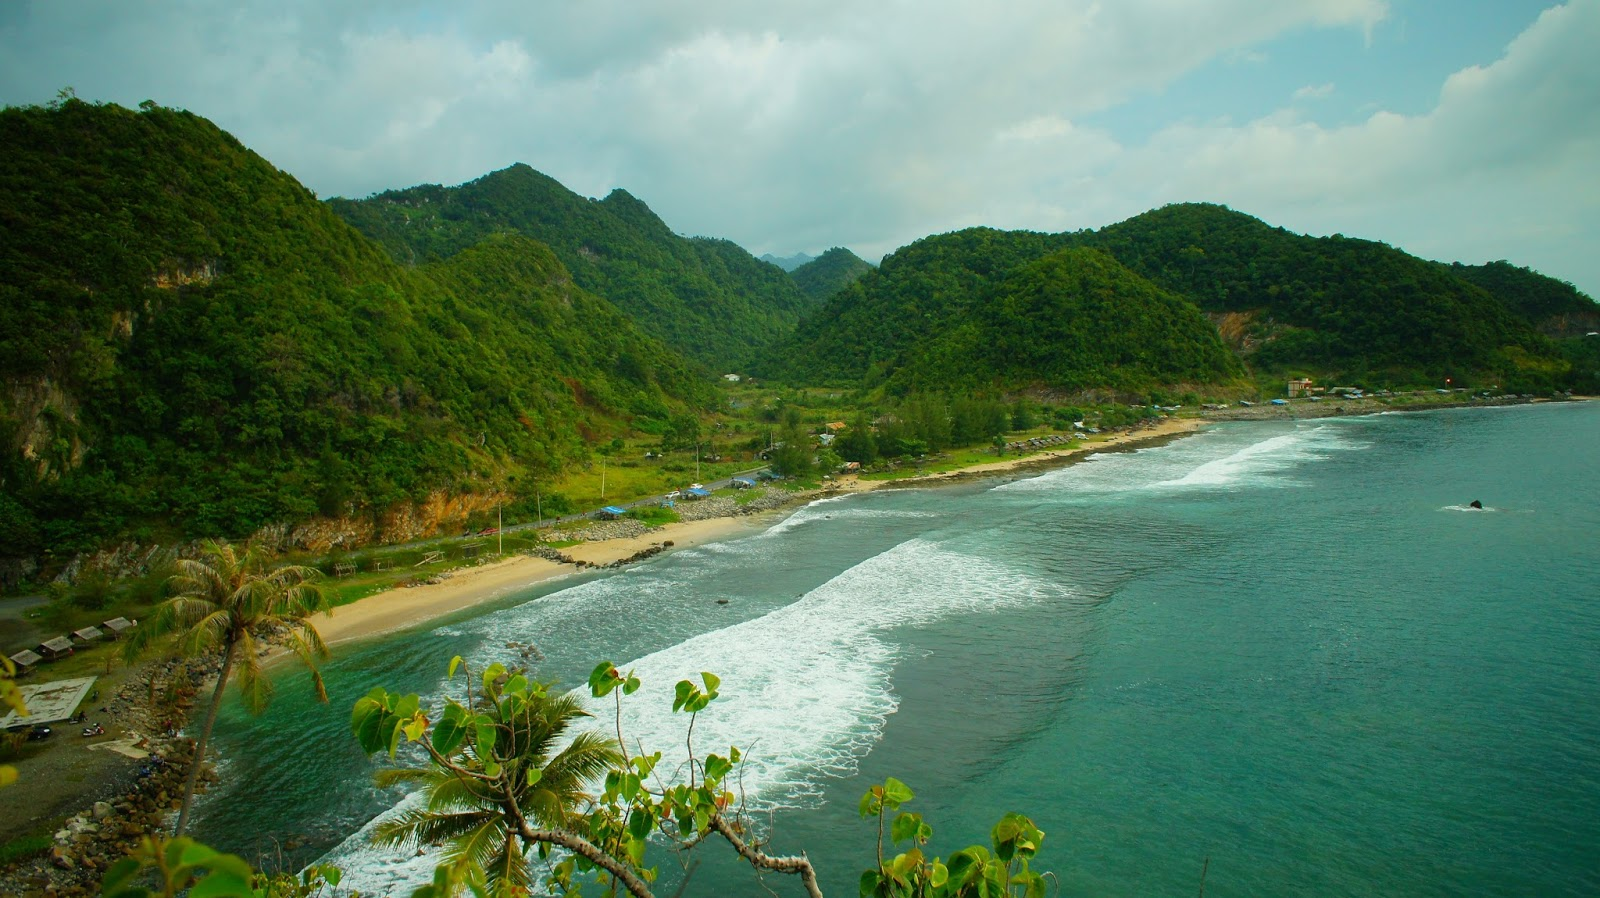 Keindahan Wisata Alam Pantai Lhoknga Di Daerah Serambi Mekah Travellink Indonesia